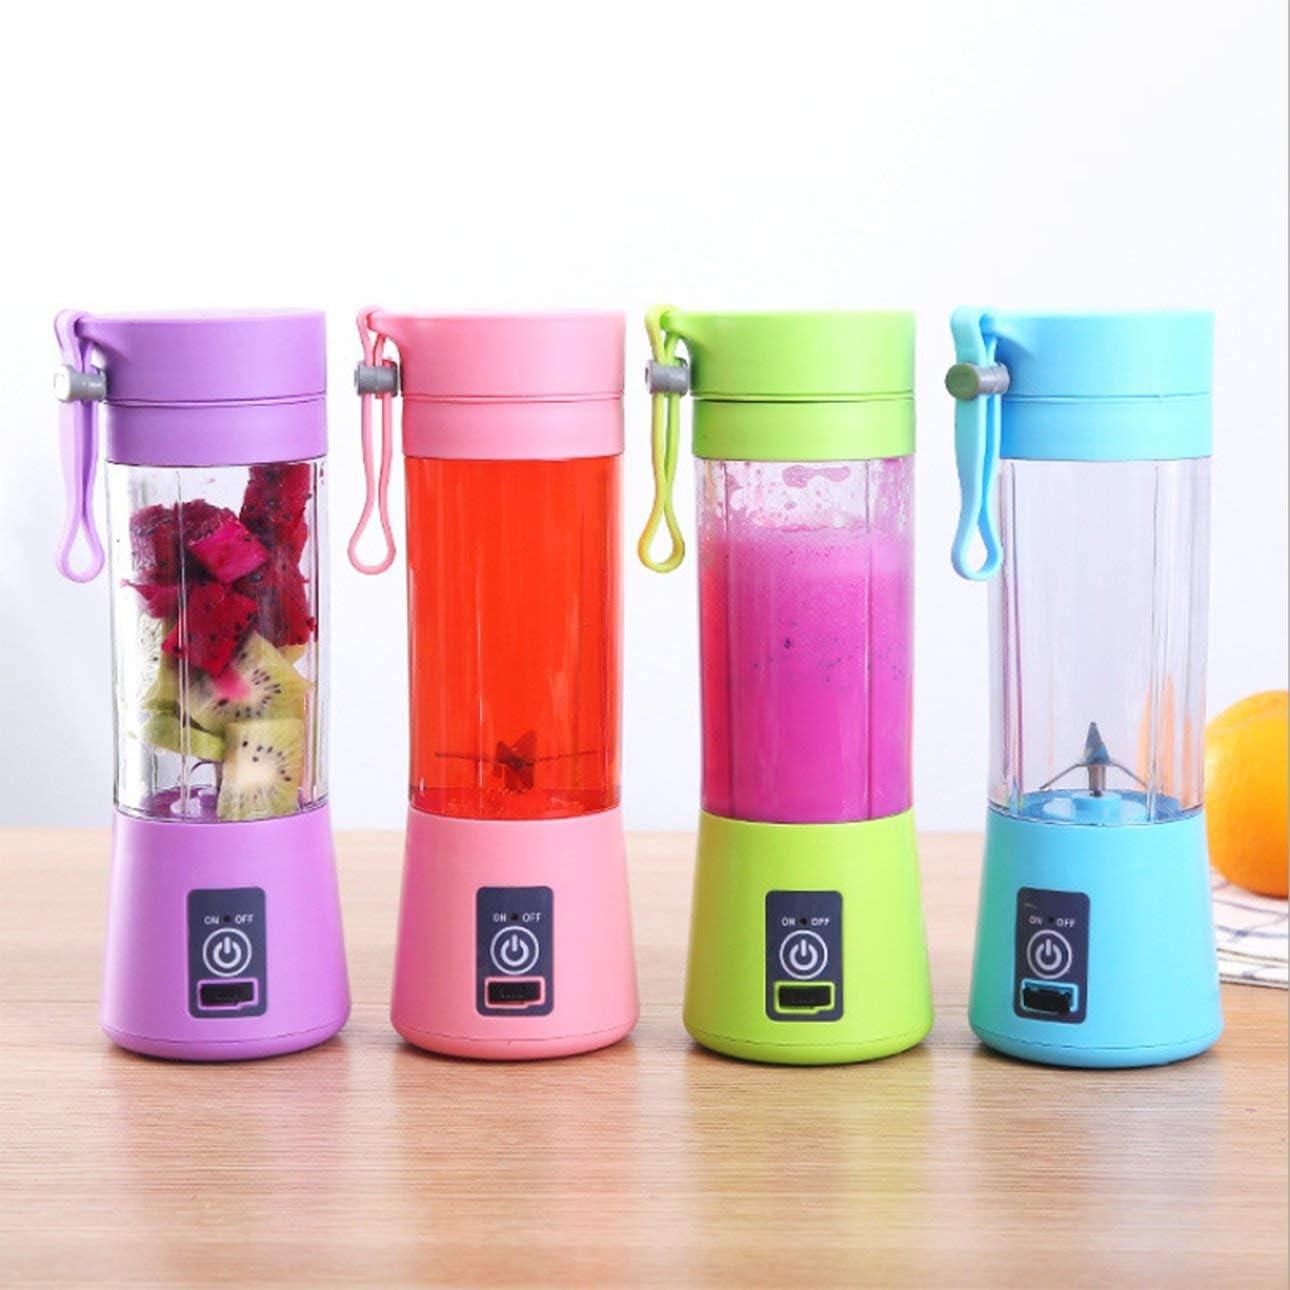 Ballylelly 4 klingen Mini USB wiederaufladbare tragbare elektrische fruchtsaftpresse Smoothie Maker Mixer Maschine Sport Flasche entsaften Tasse